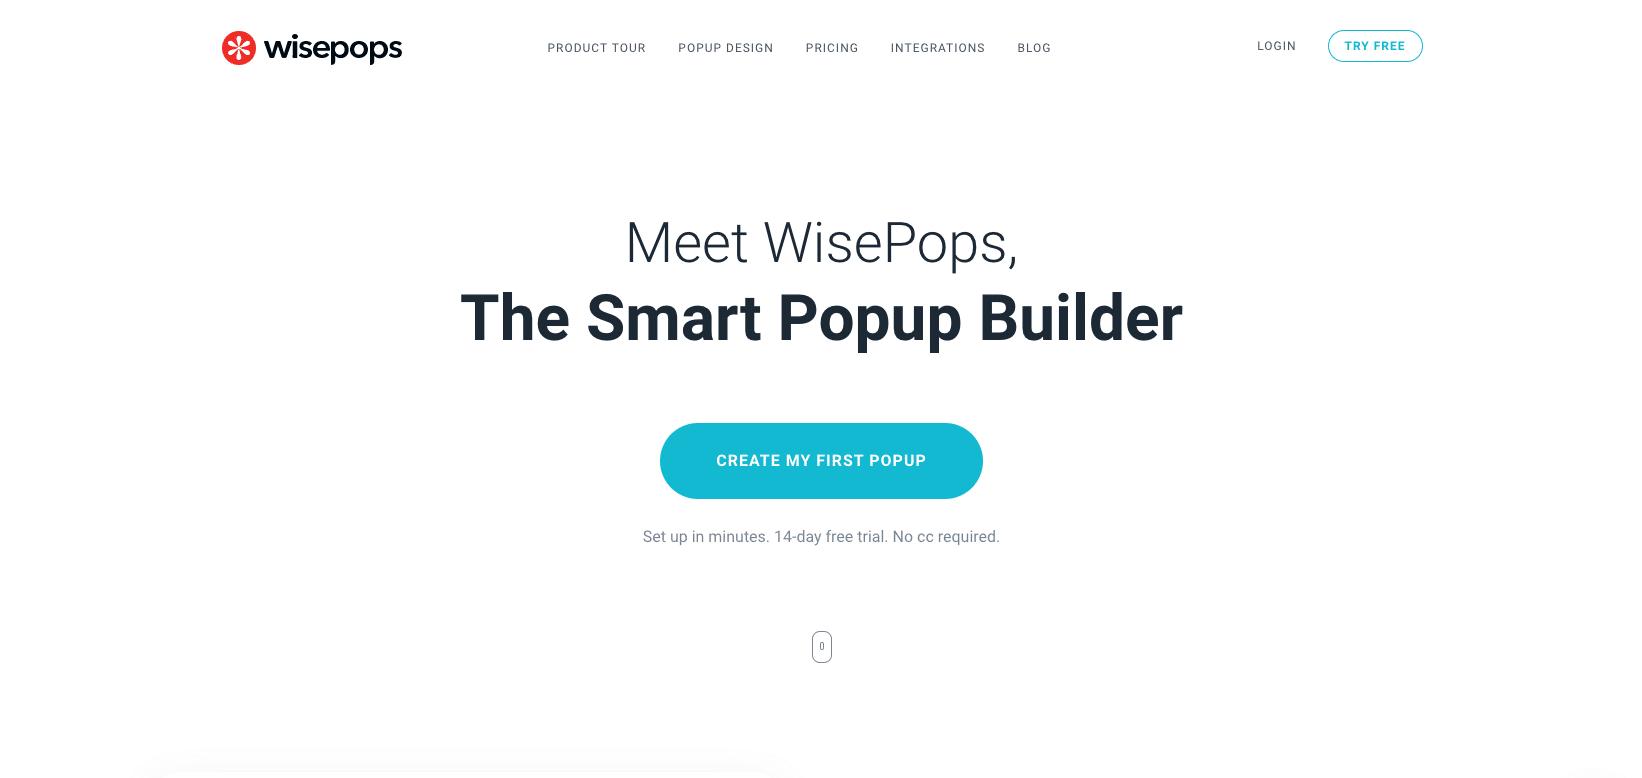 WisePops helps marketers build website popups